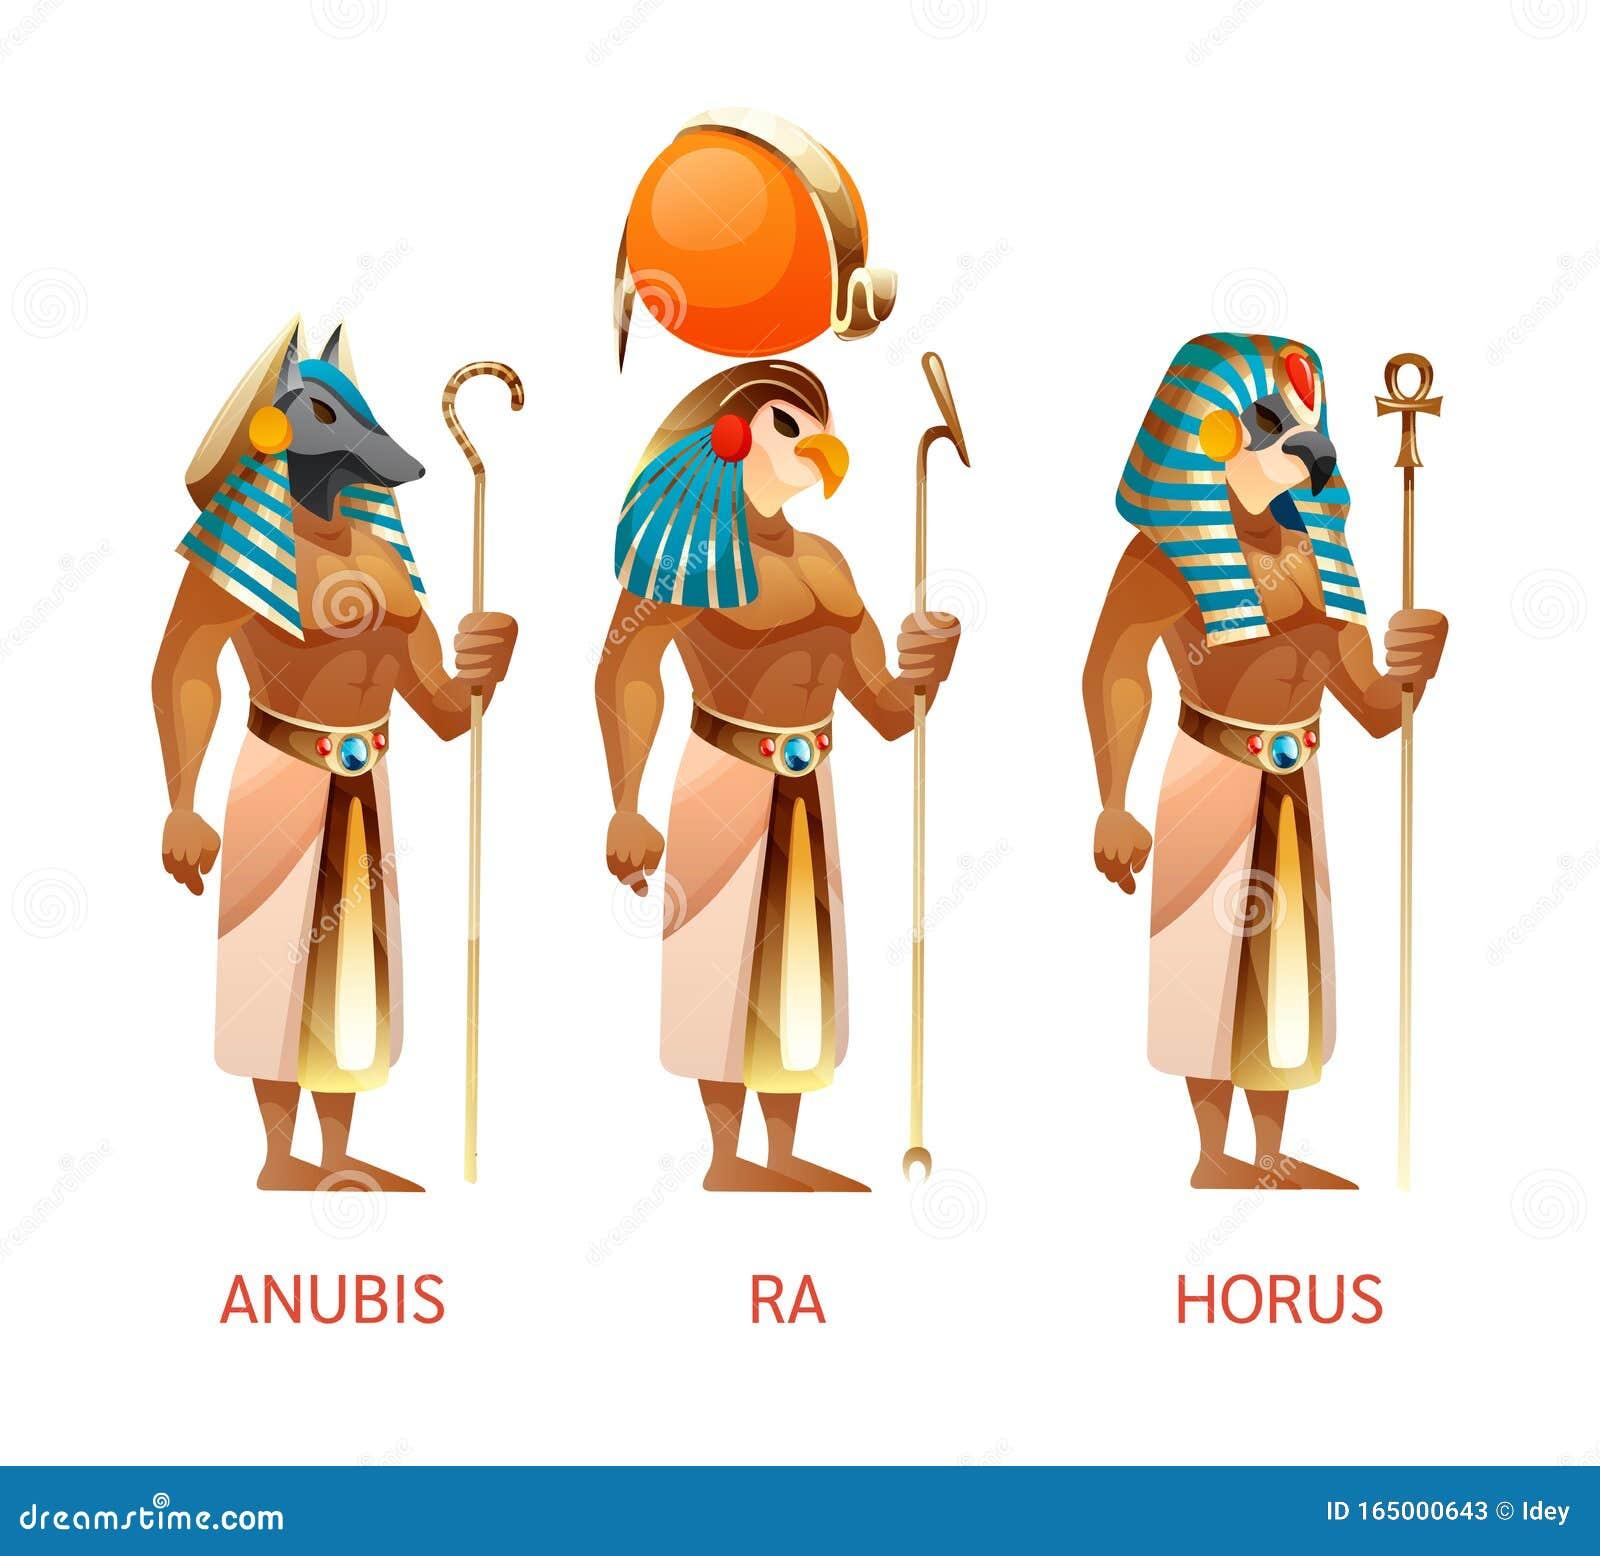 Deuses egípcios antigos Ra, Horus, Anubis da mitologia egípcia religião